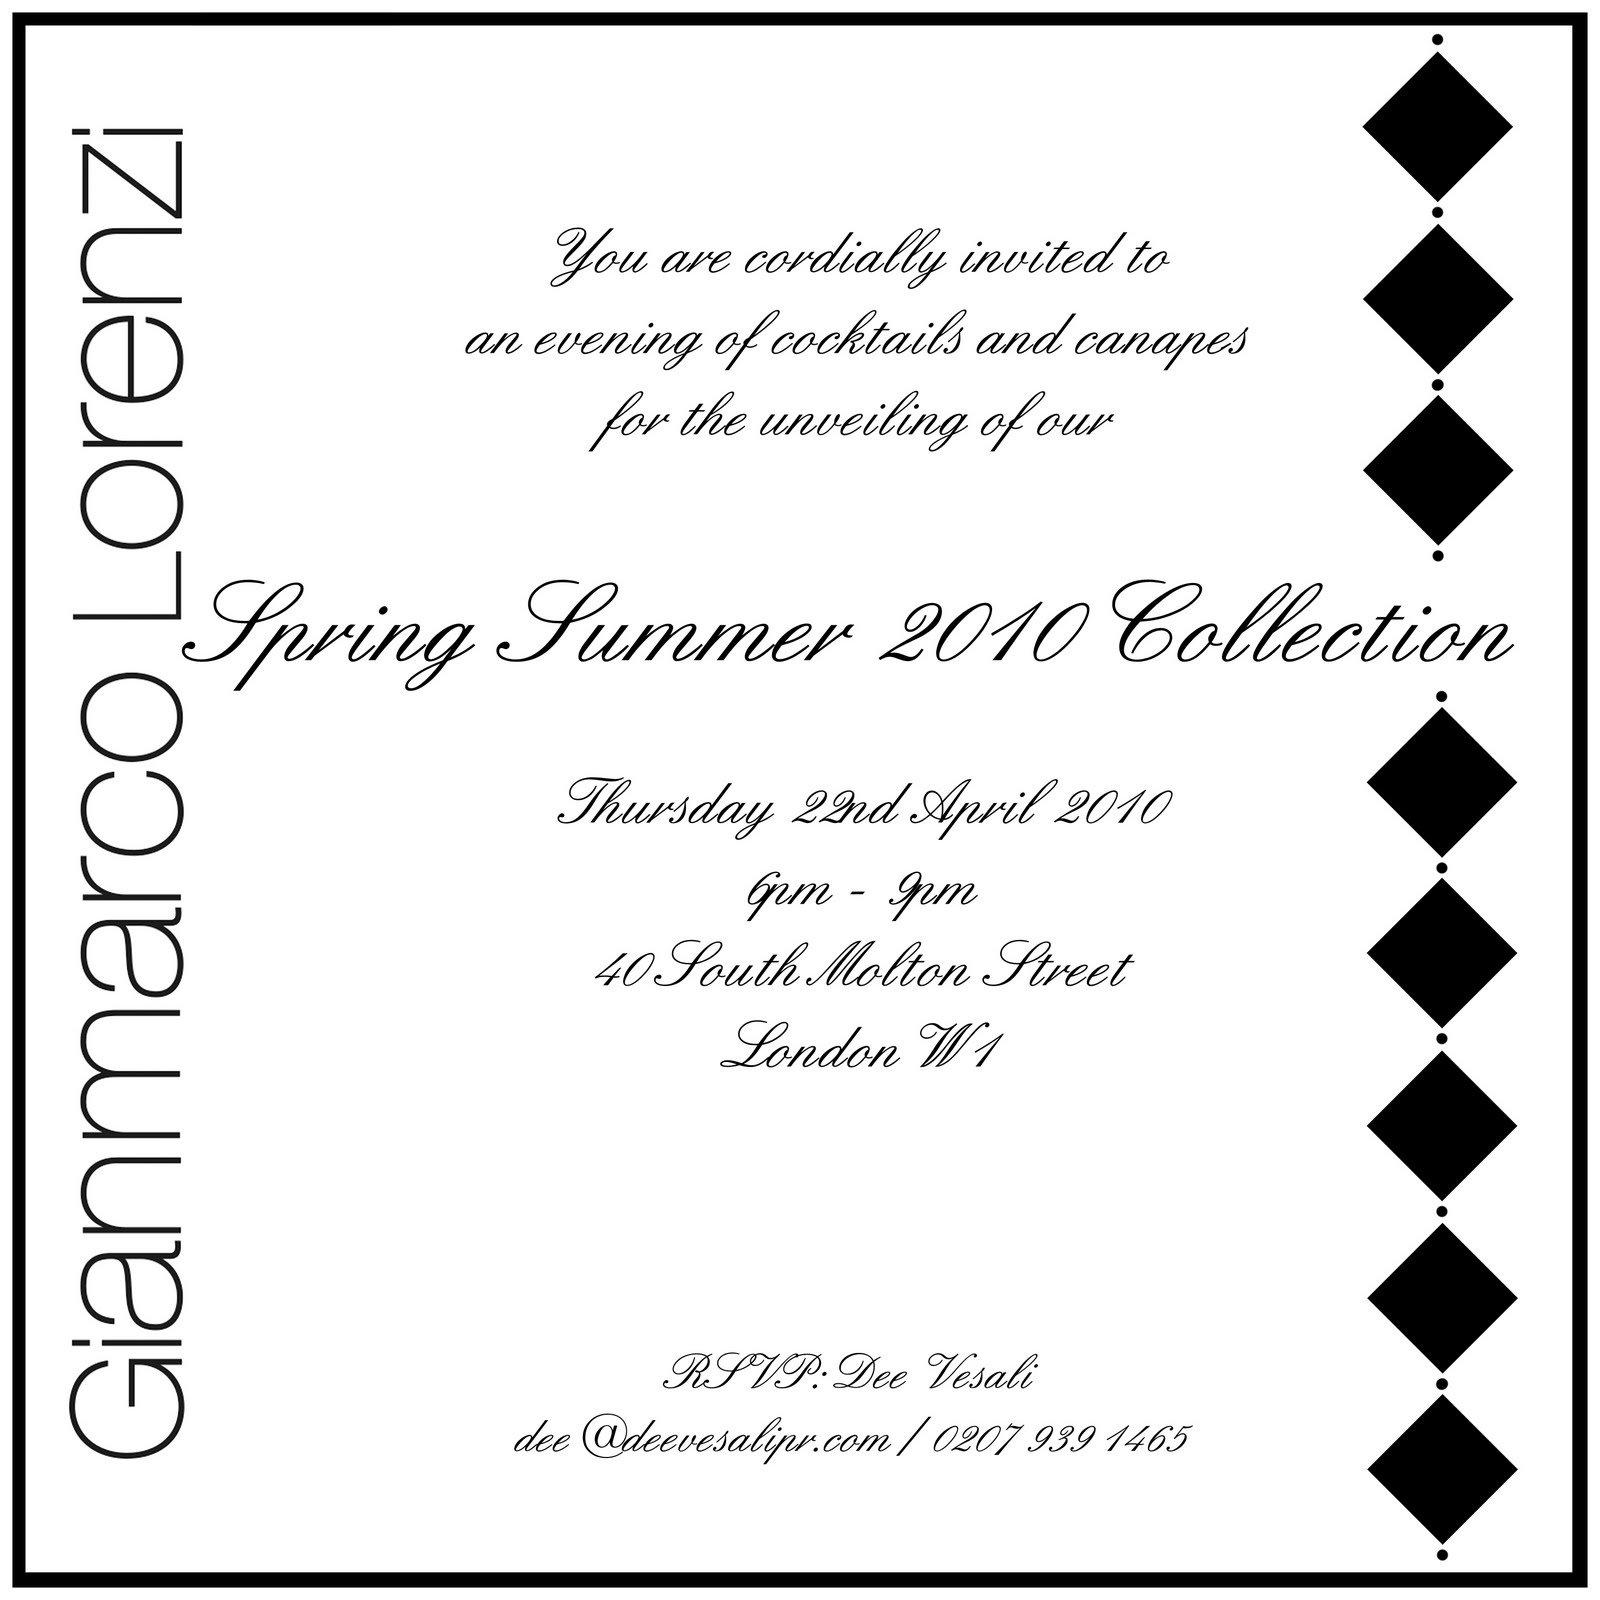 Formal Cocktail Reception Invitation